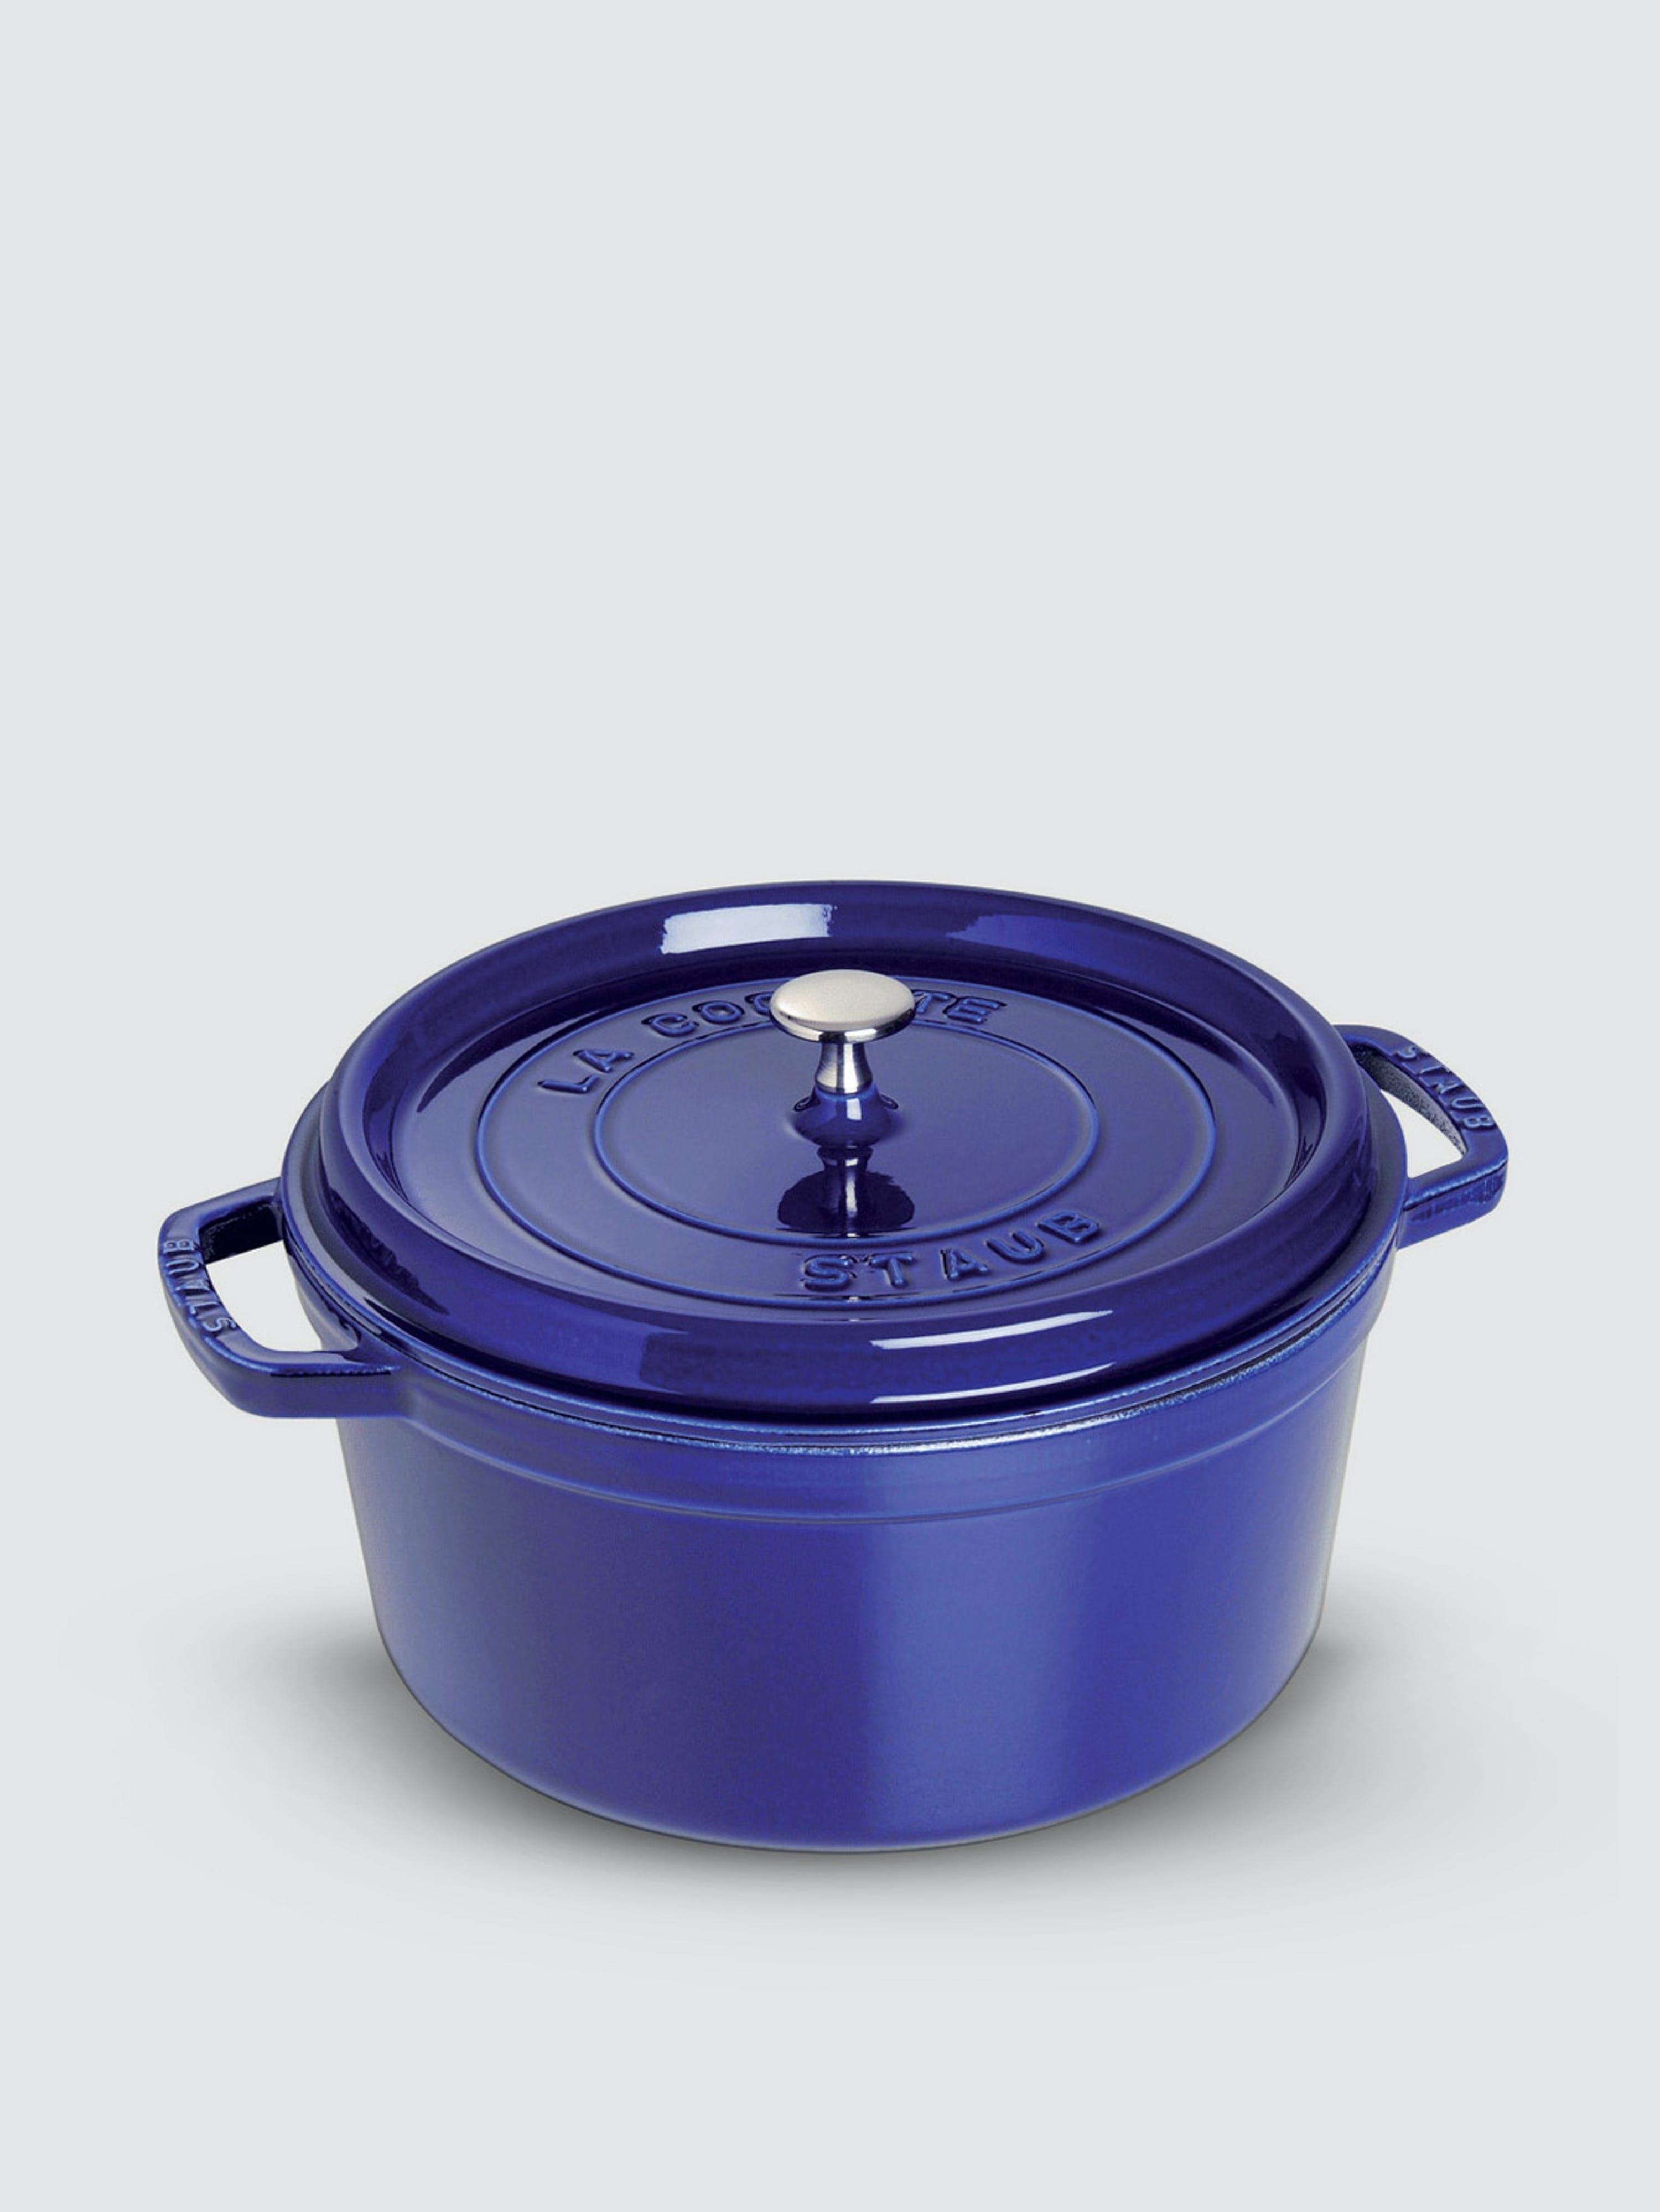 Staub - Verified Partner 2.75-Qt Round Cocotte  - Blue